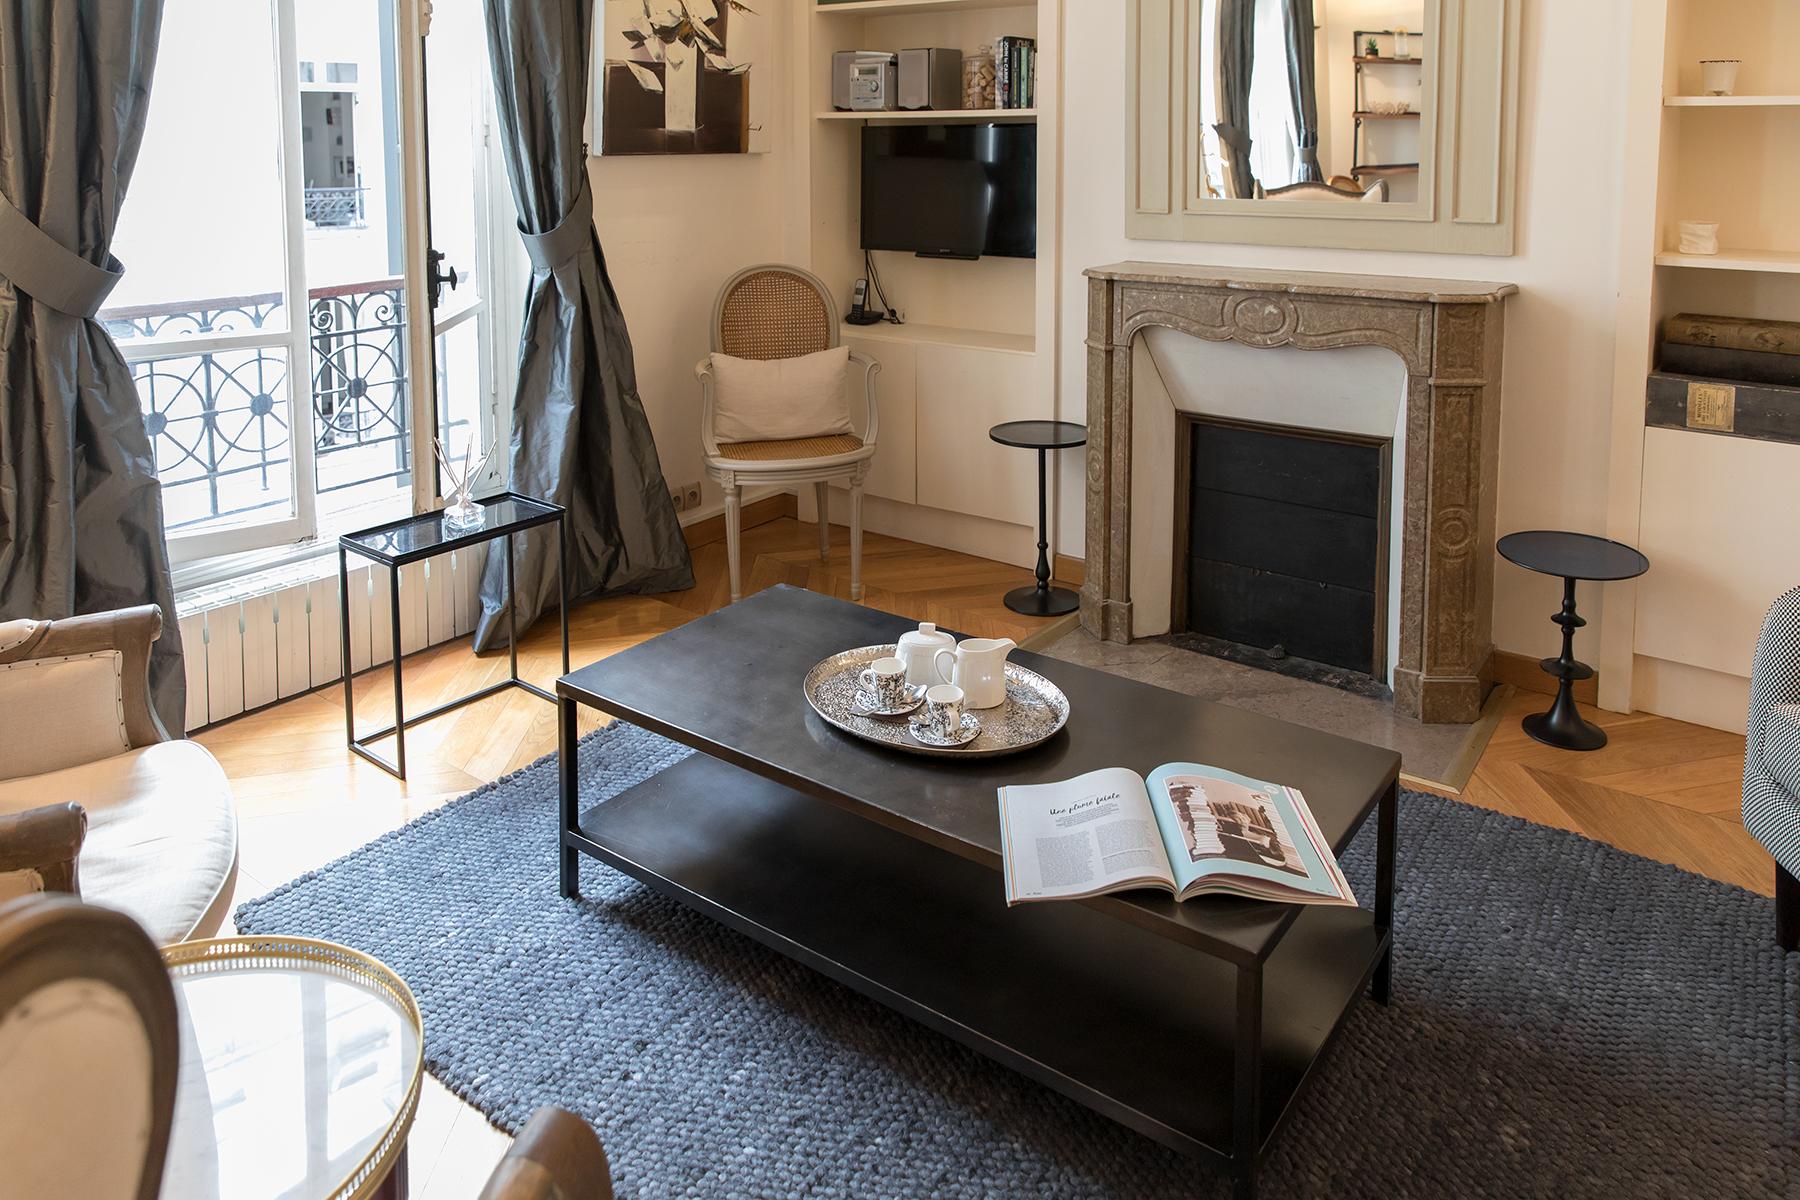 Table at Apartment Monceau Chic, 9th Arr, Paris